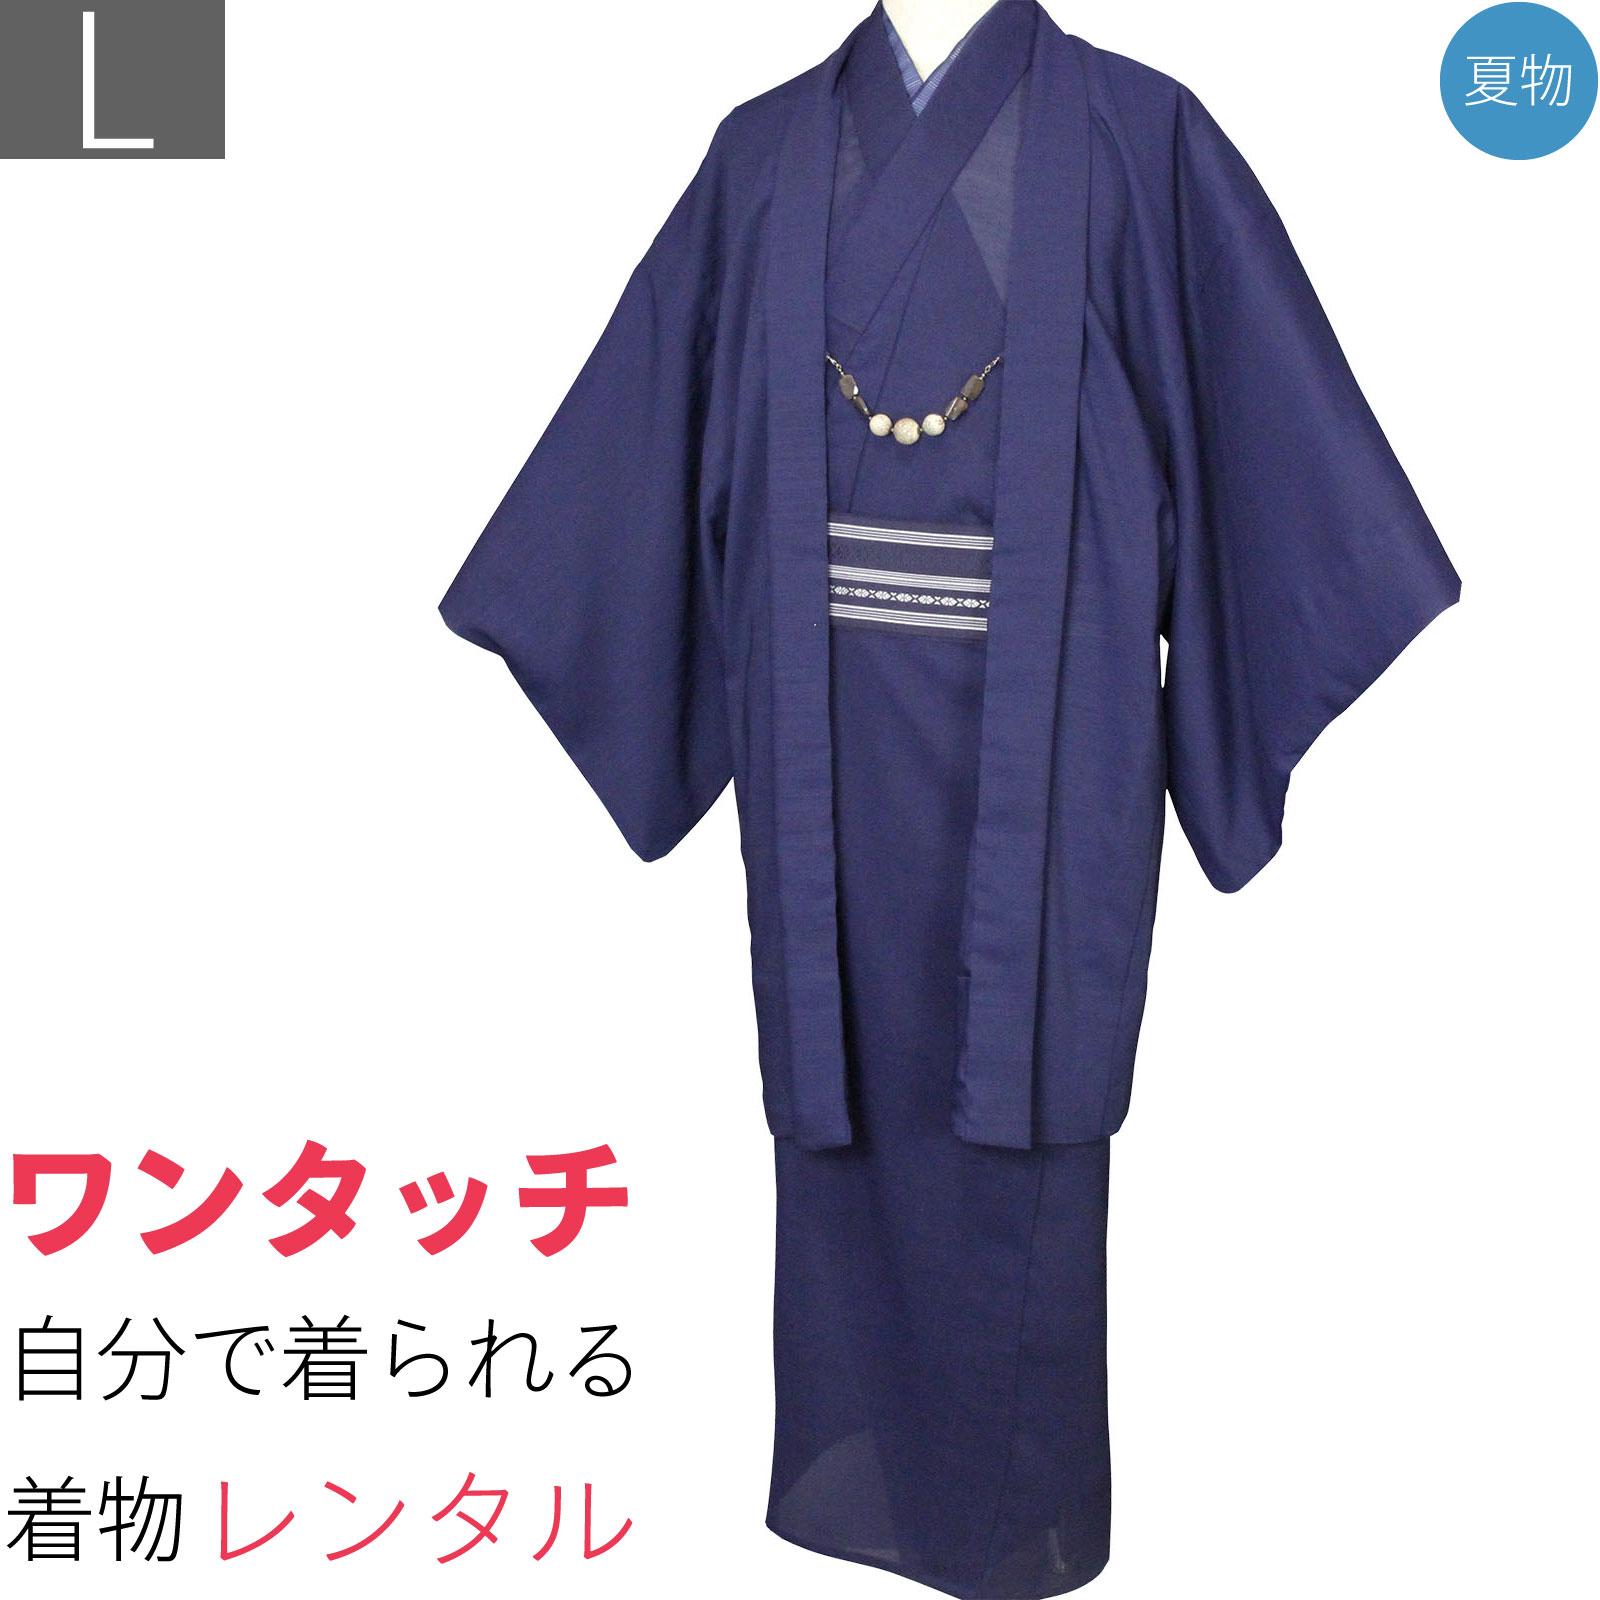 【レンタル】夏 着物 レンタル 男 メンズ 夏物 紗「Mサイズ」濃紺アンサンブル 紗羽織付きセット(なつもの) (8423)